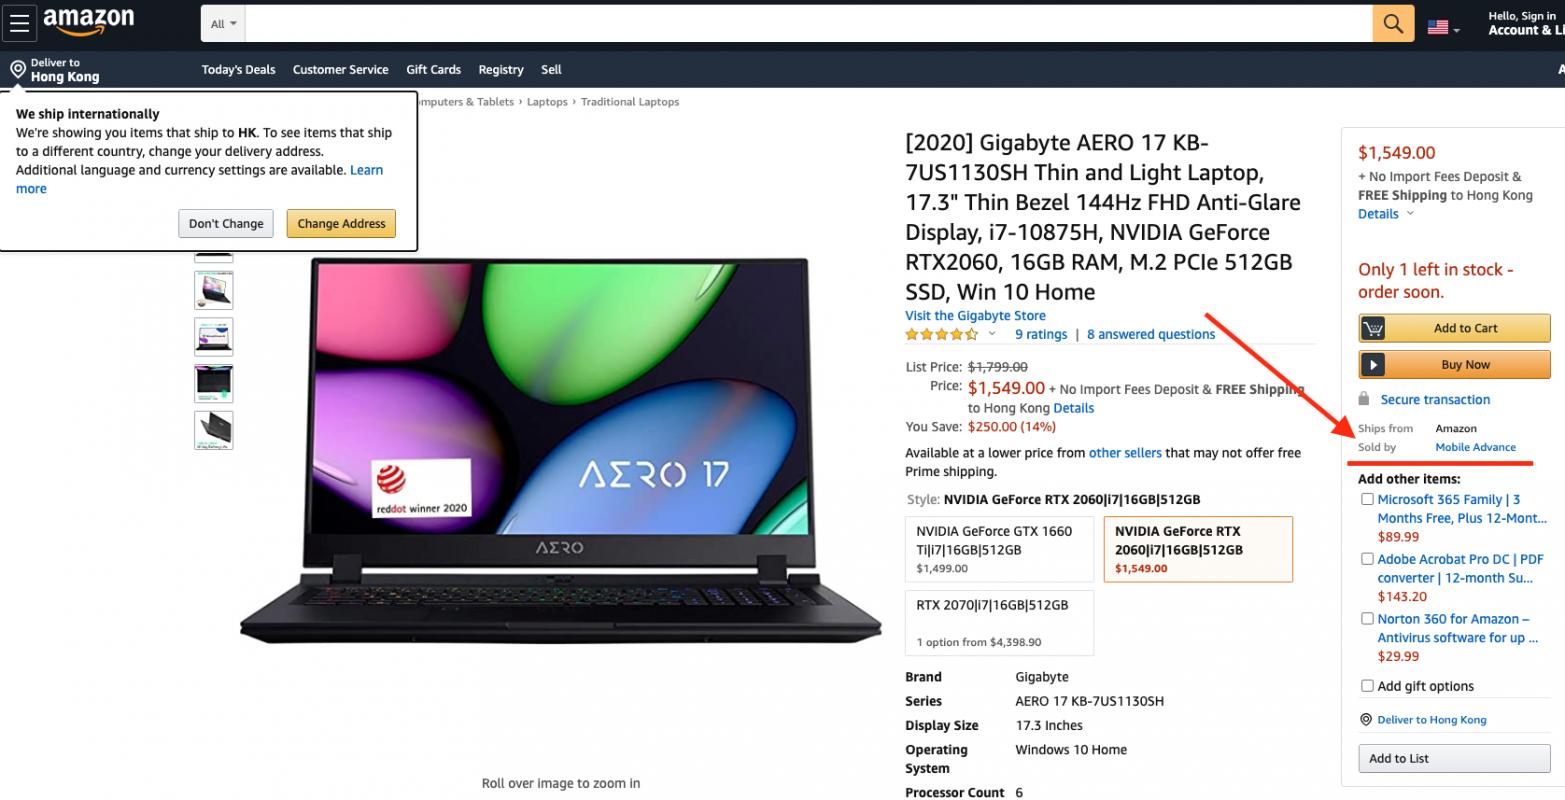 【港究 Amazon Prime Day 2020 攻略】買電腦心大心細?又想一分錢十分貨? - WFH 文書 / Gaming Laptop 最新介紹